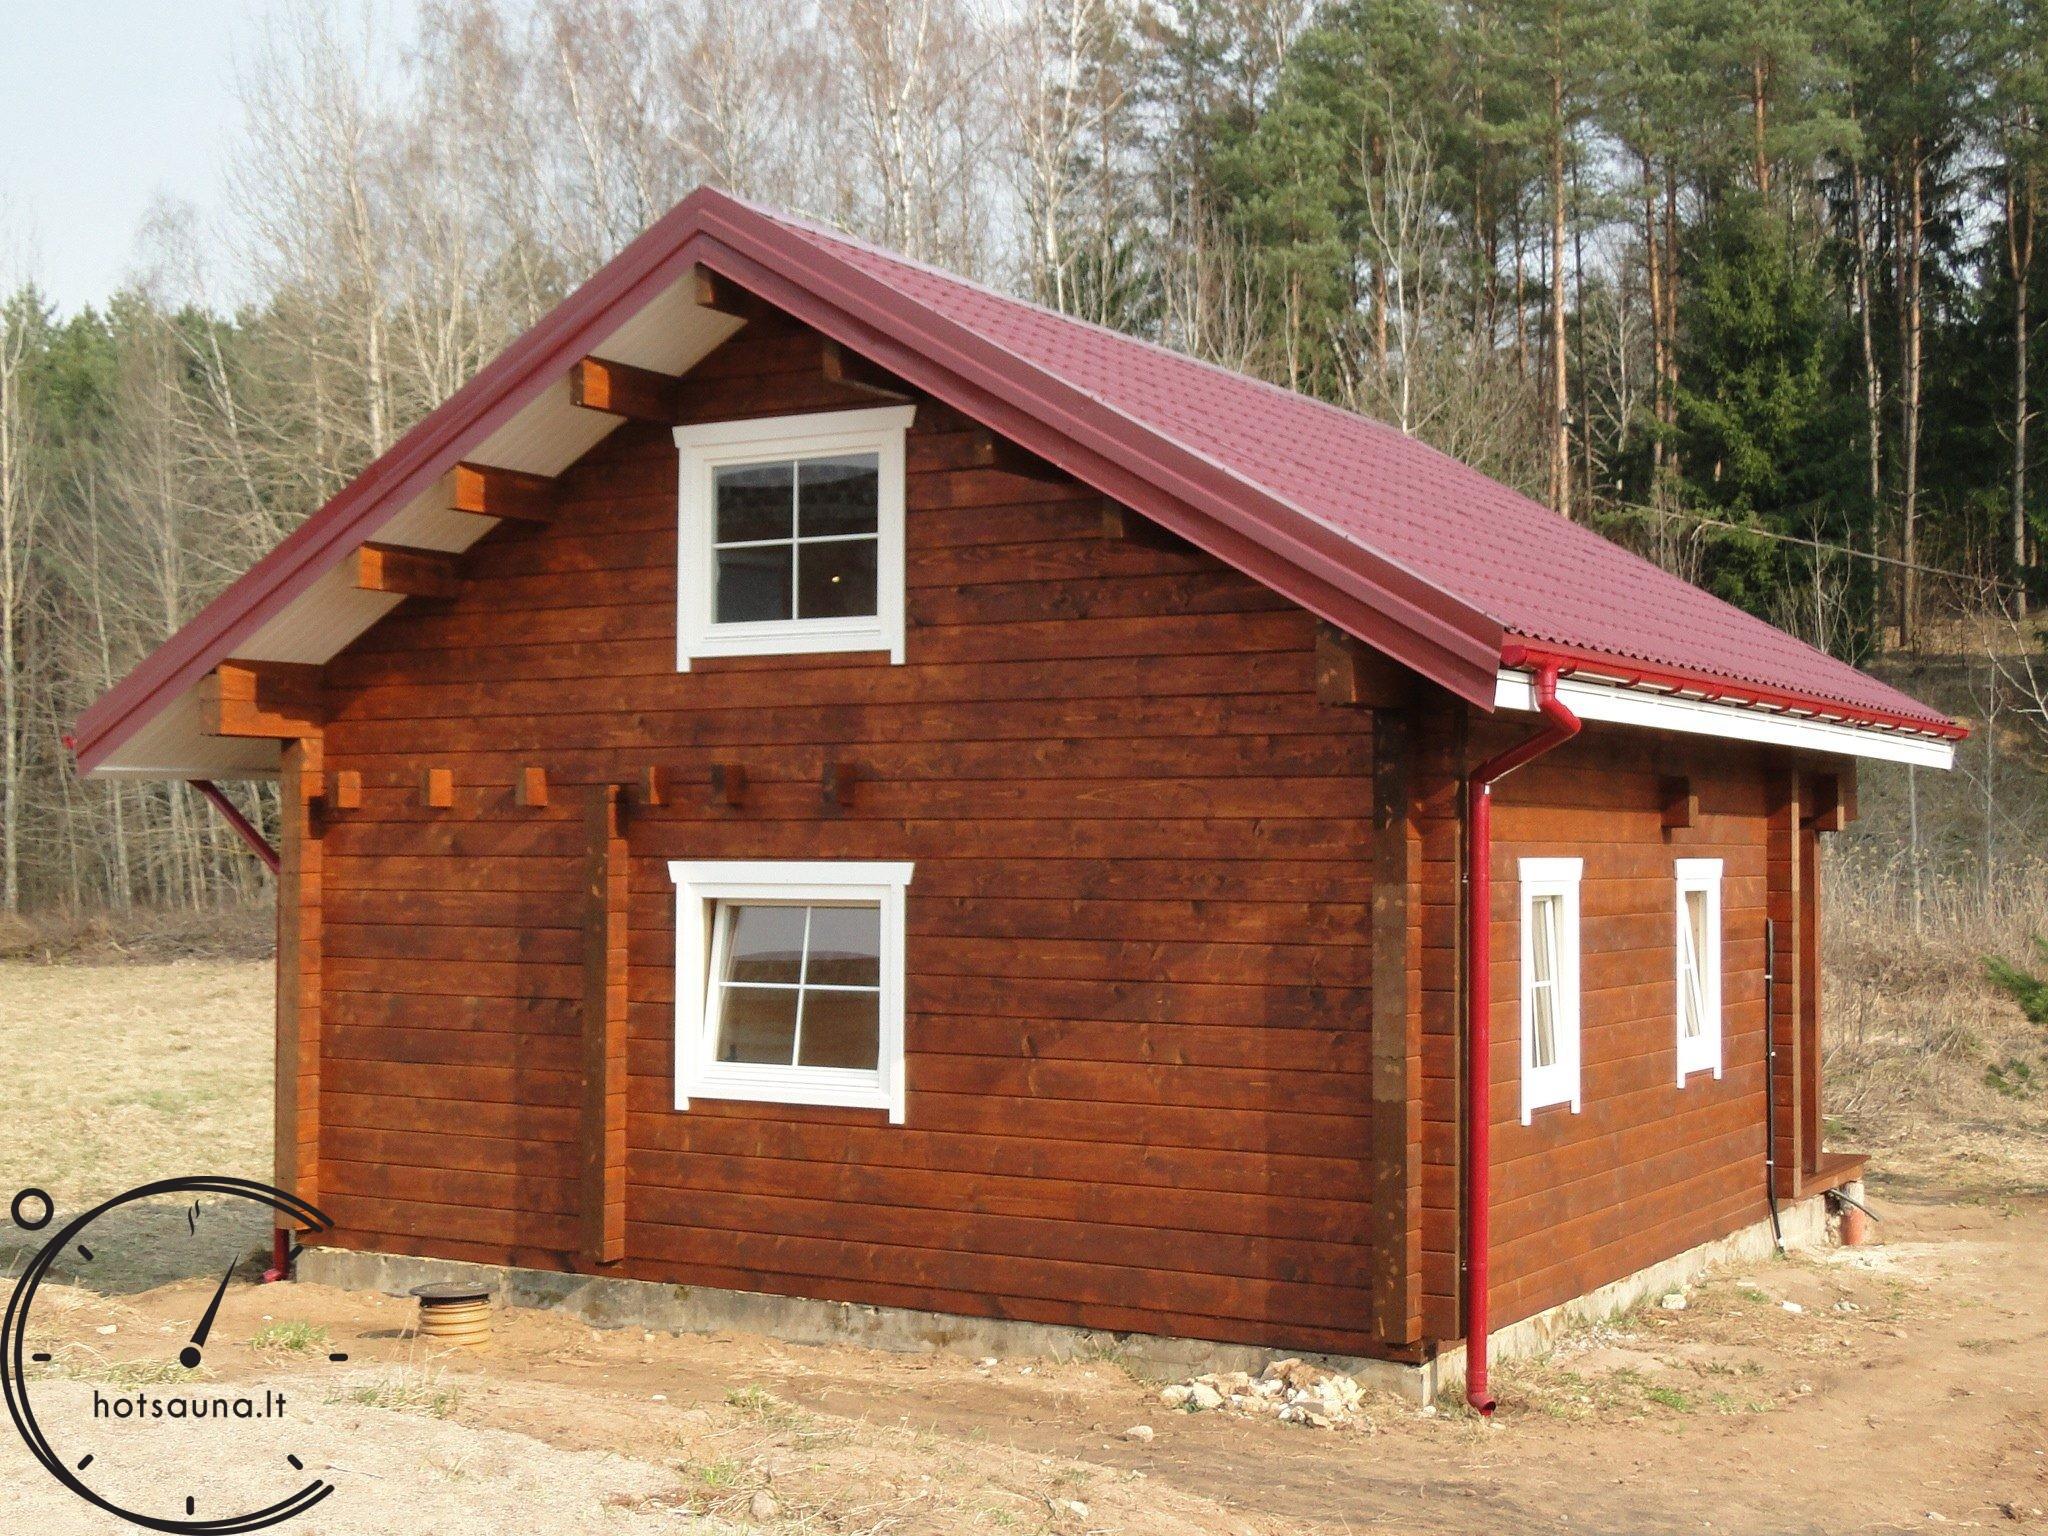 Gartenhaus sauna (10)